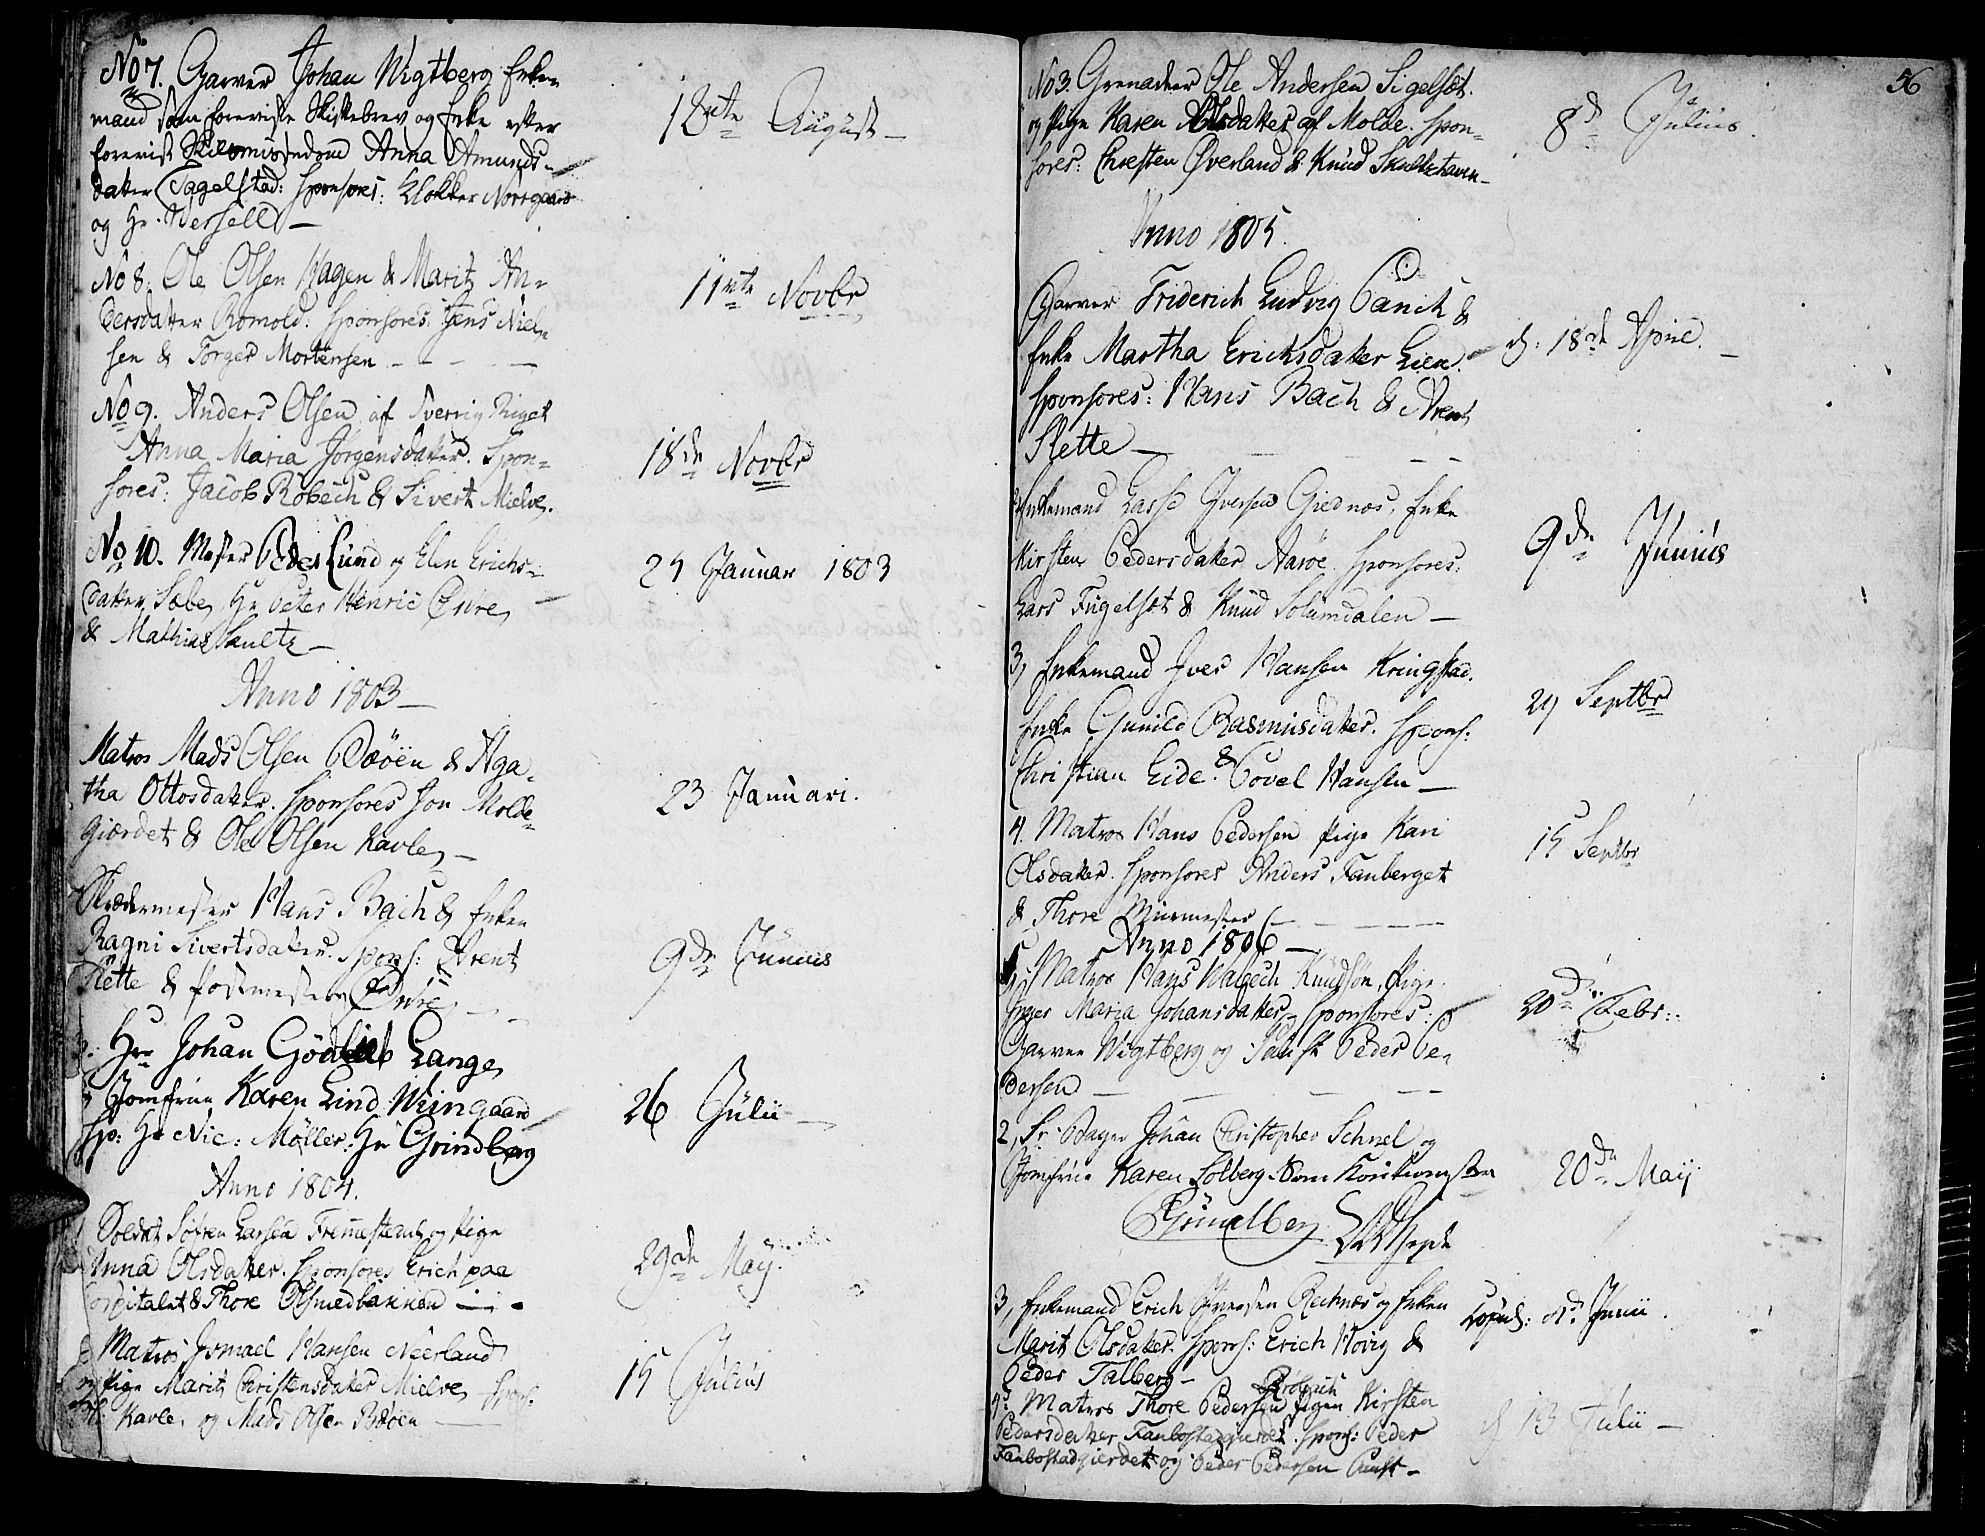 SAT, Ministerialprotokoller, klokkerbøker og fødselsregistre - Møre og Romsdal, 558/L0687: Ministerialbok nr. 558A01, 1798-1818, s. 56